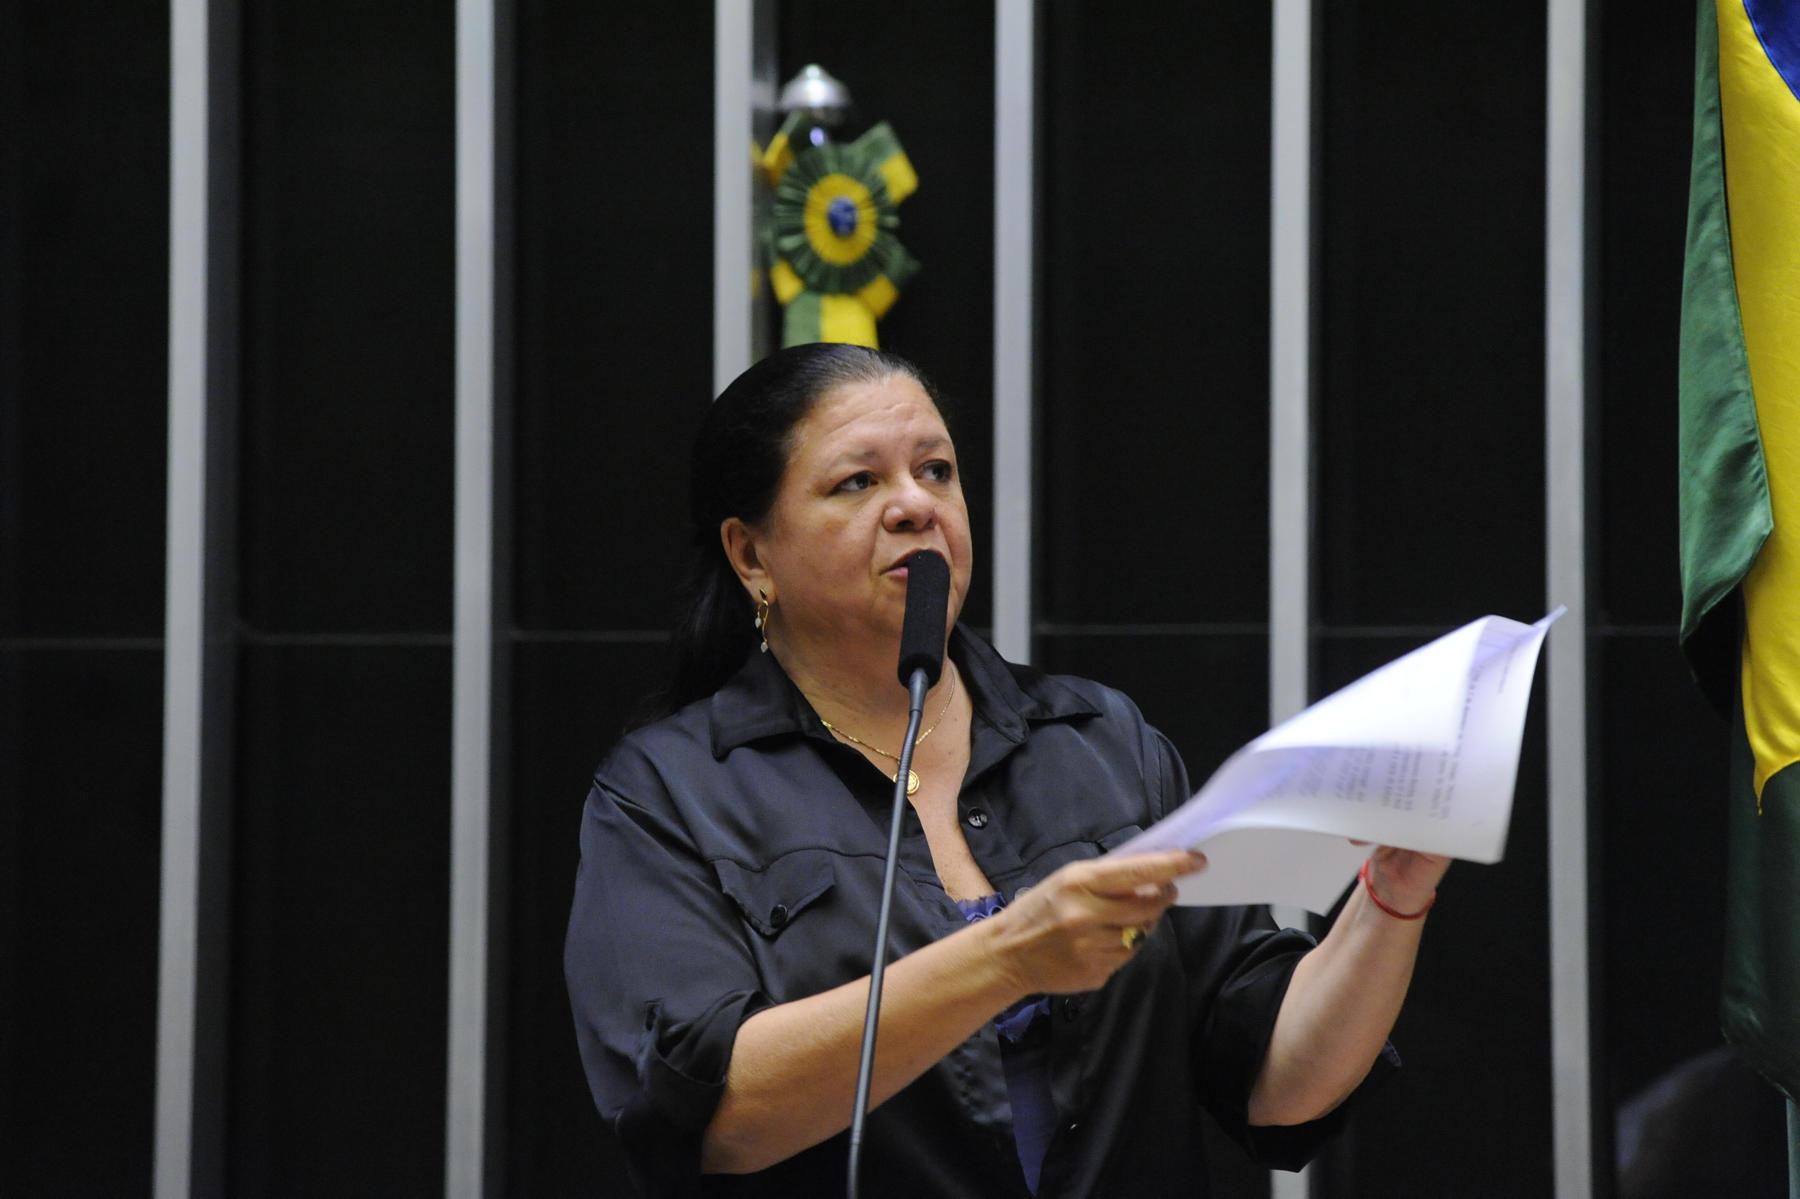 Laura Carneiro herdou capital político do pai, mas firmou trajetória própria na vida pública Foto: Divulgação